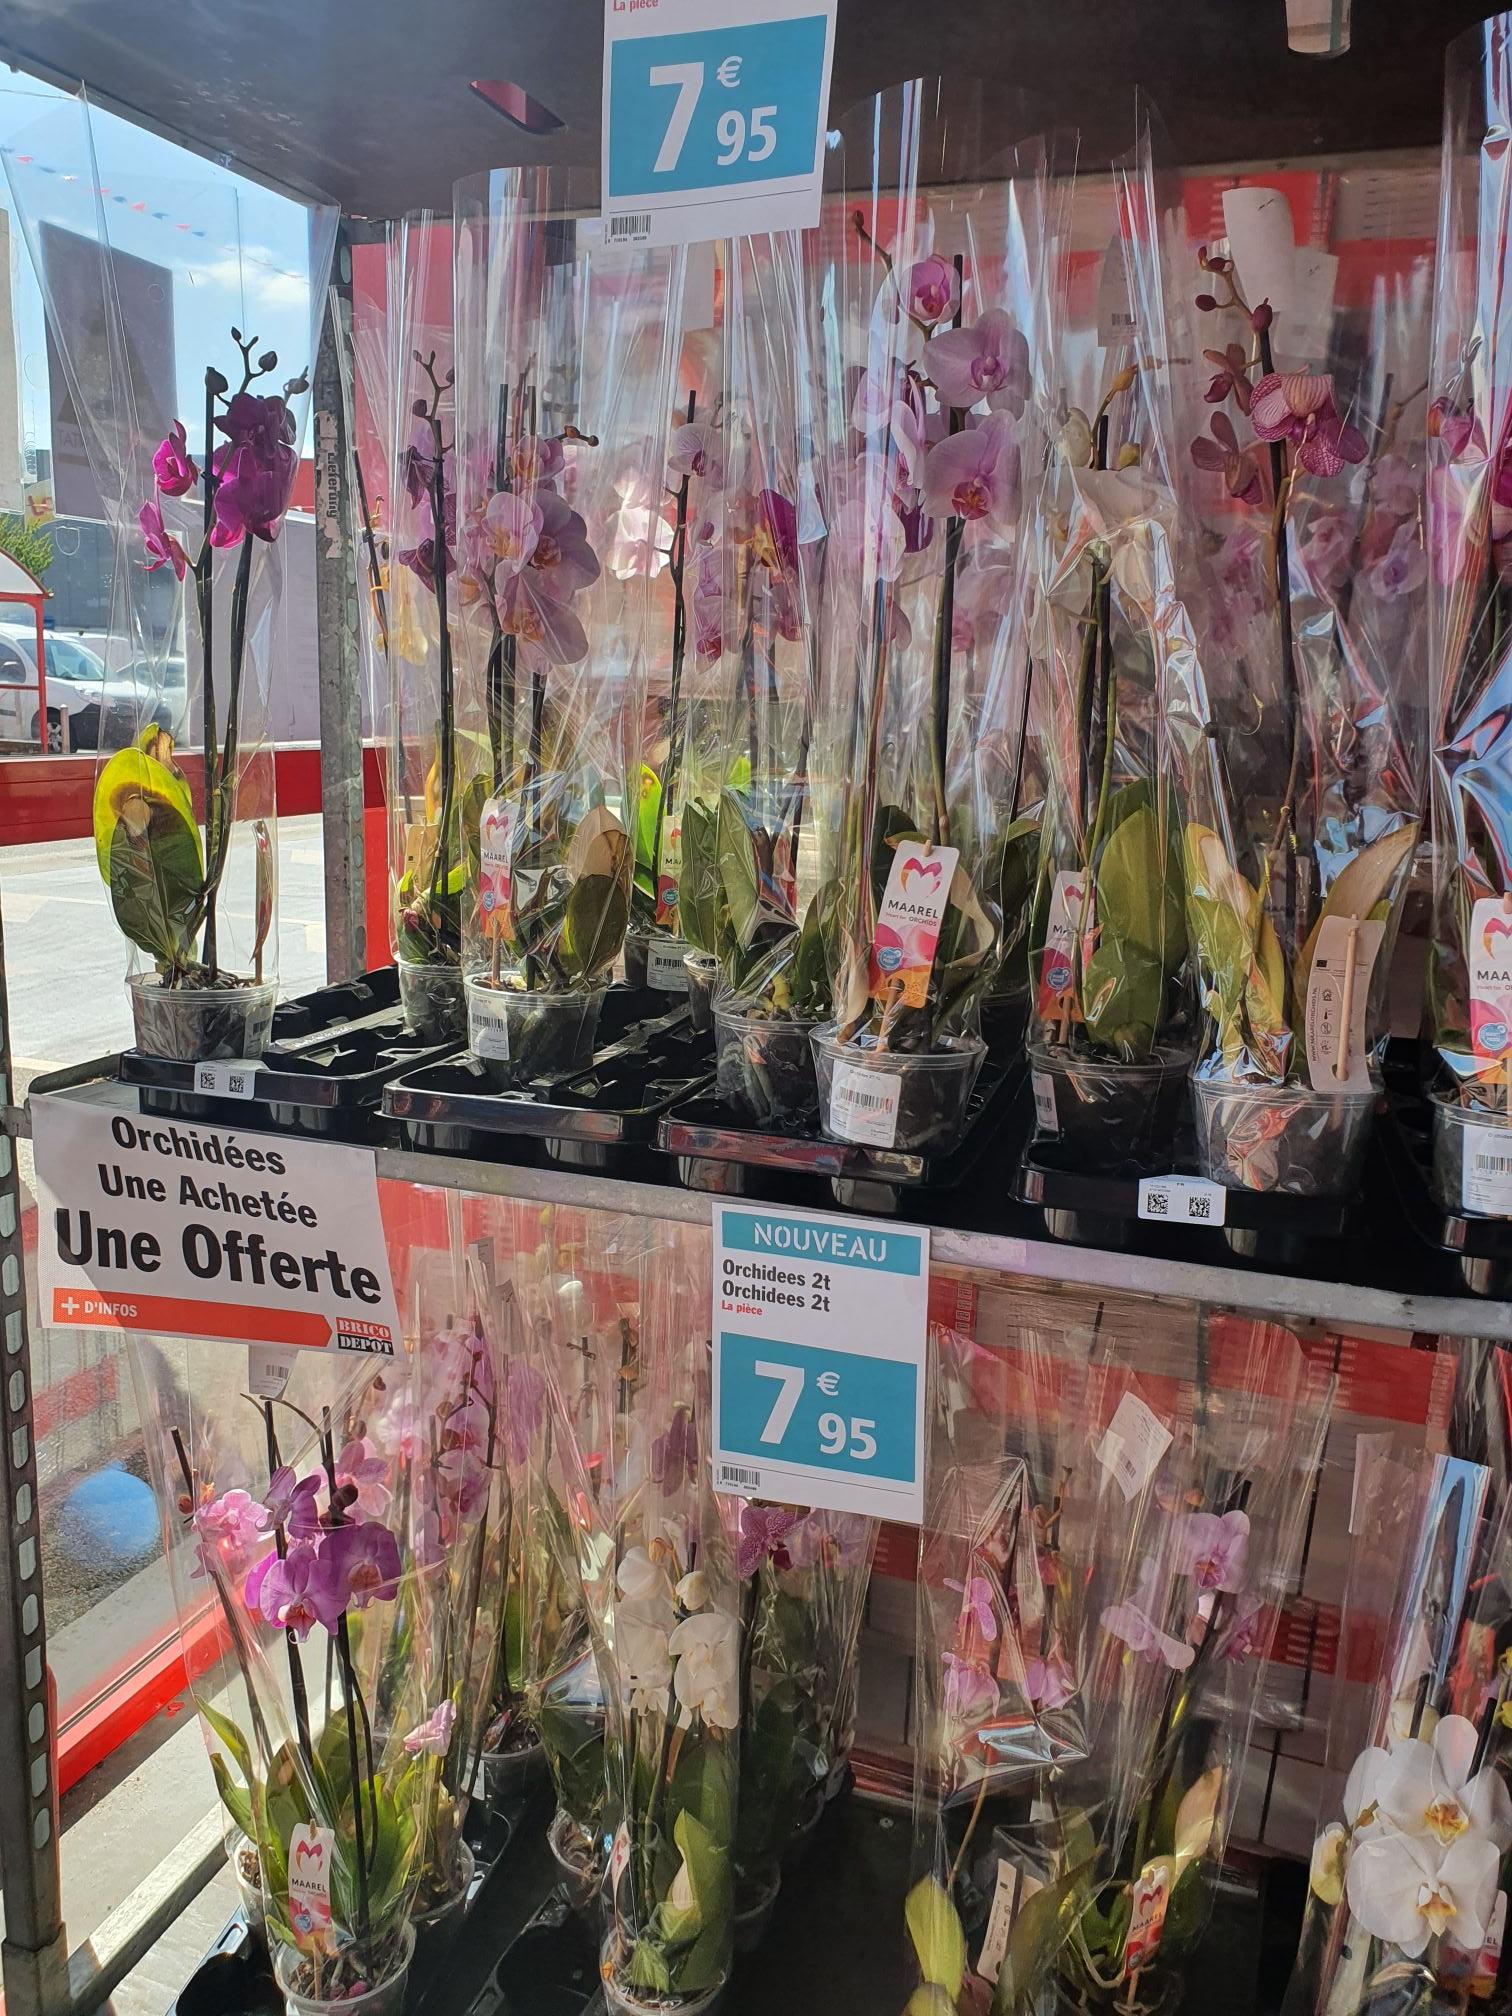 1 orchidée achetée = 1 offerte - Brive (19)